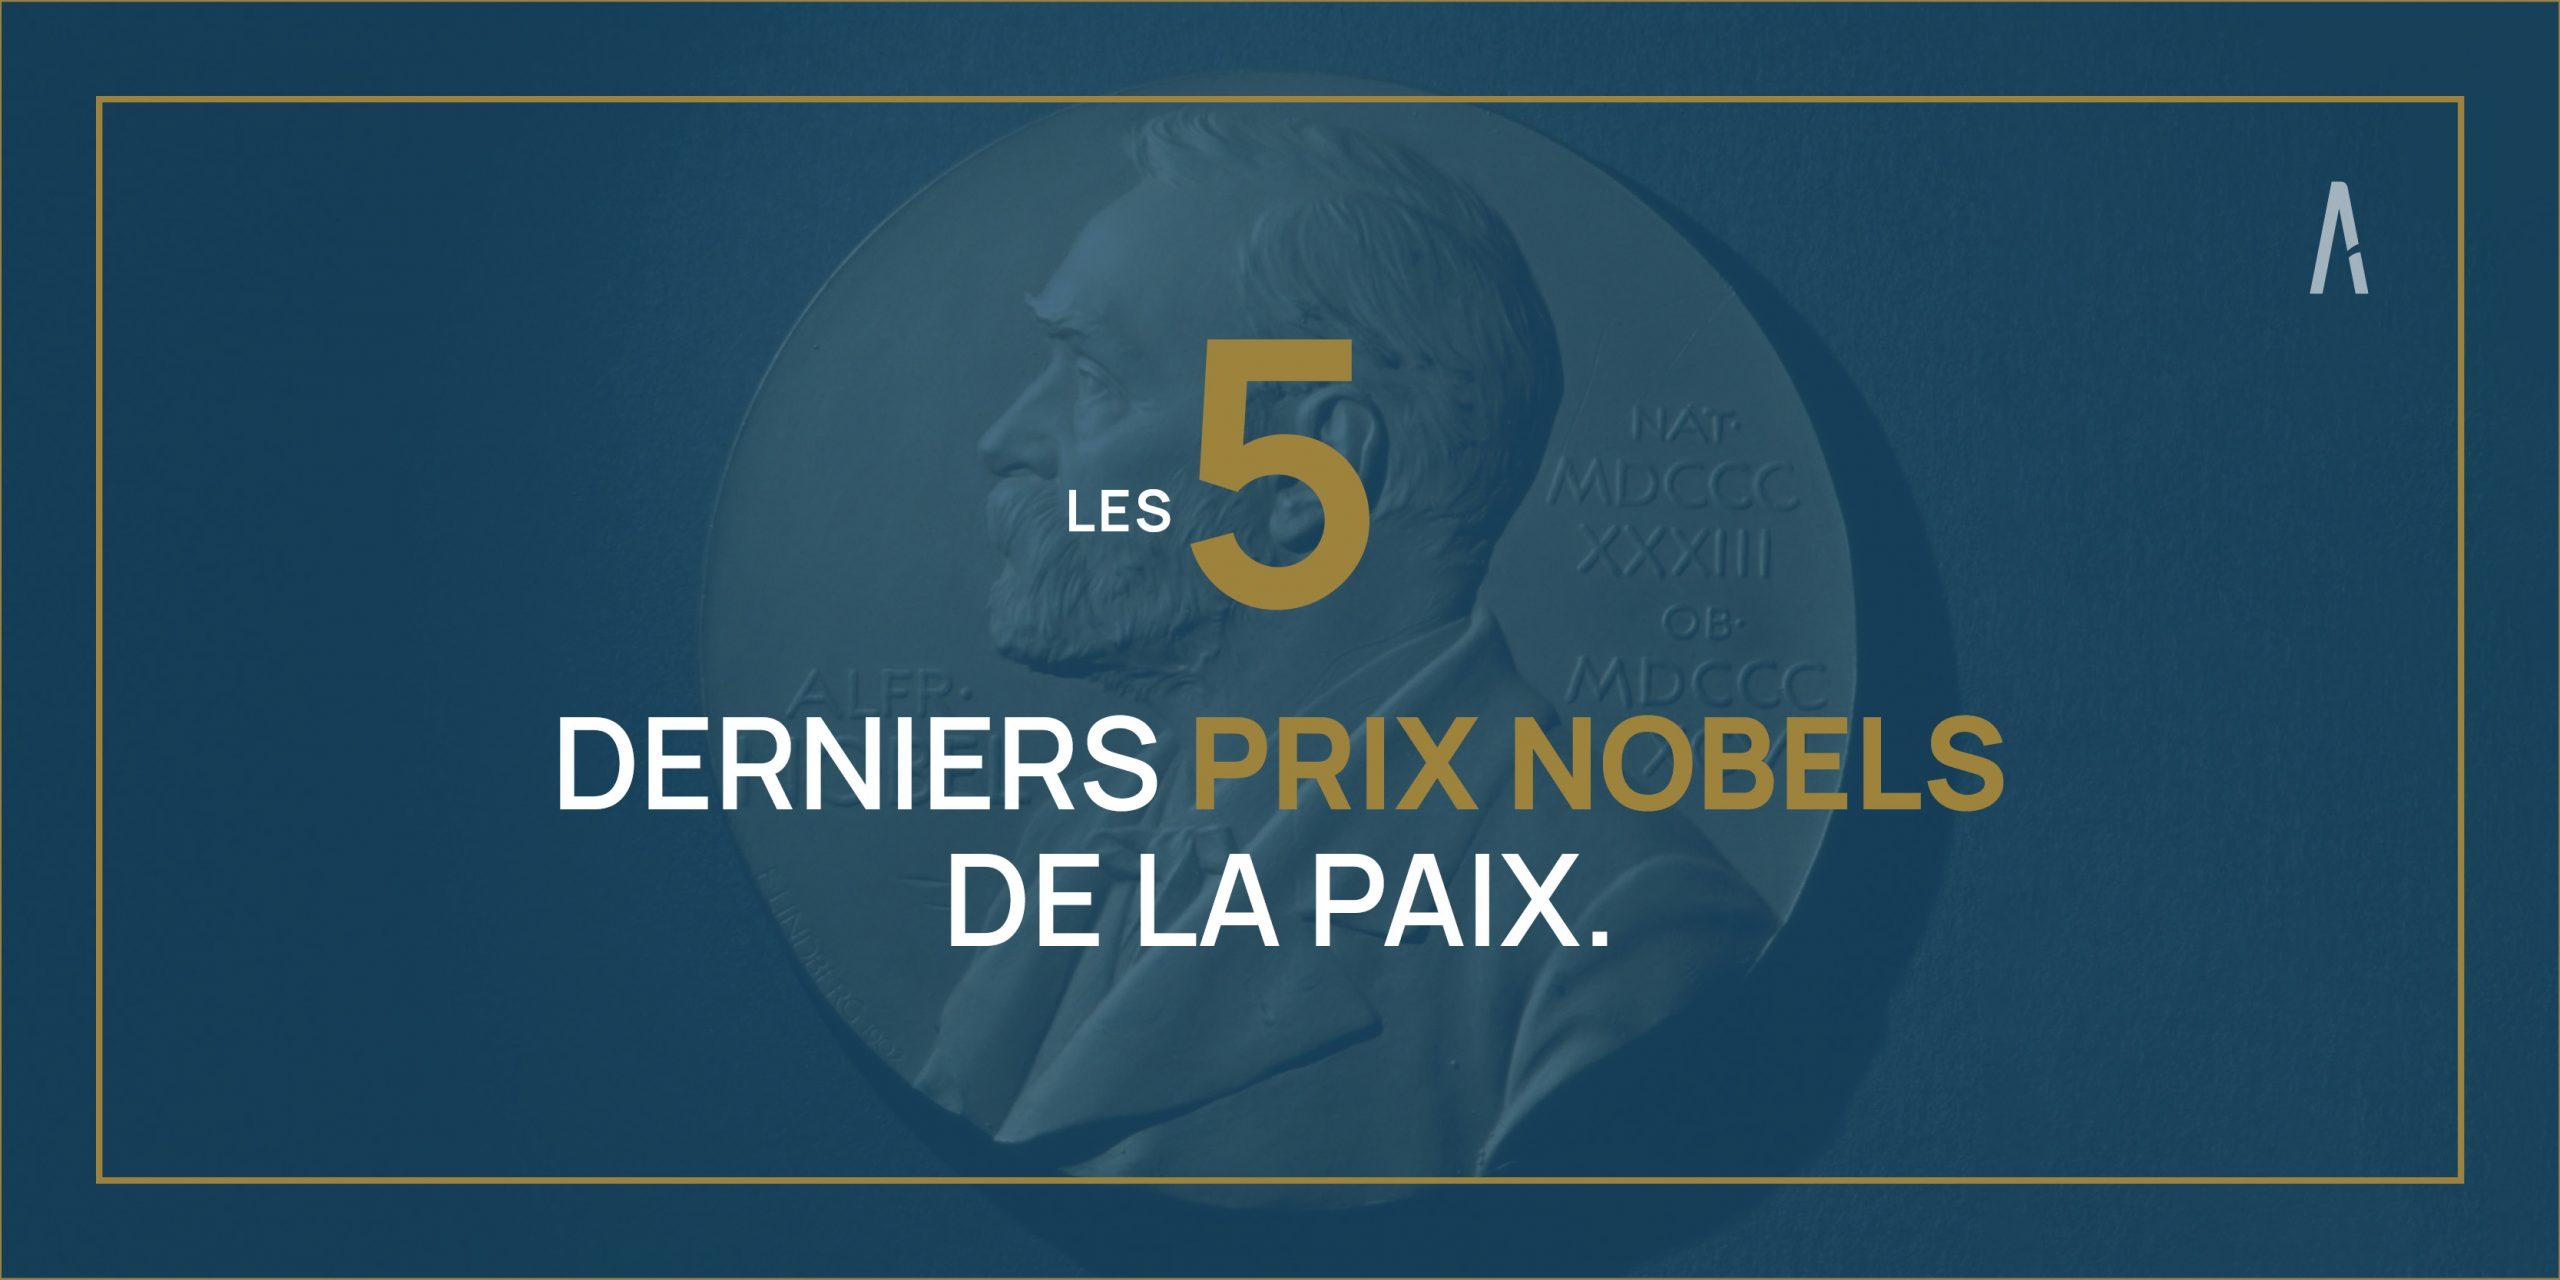 PAIX : Les 5 derniers Prix Nobel de la Paix